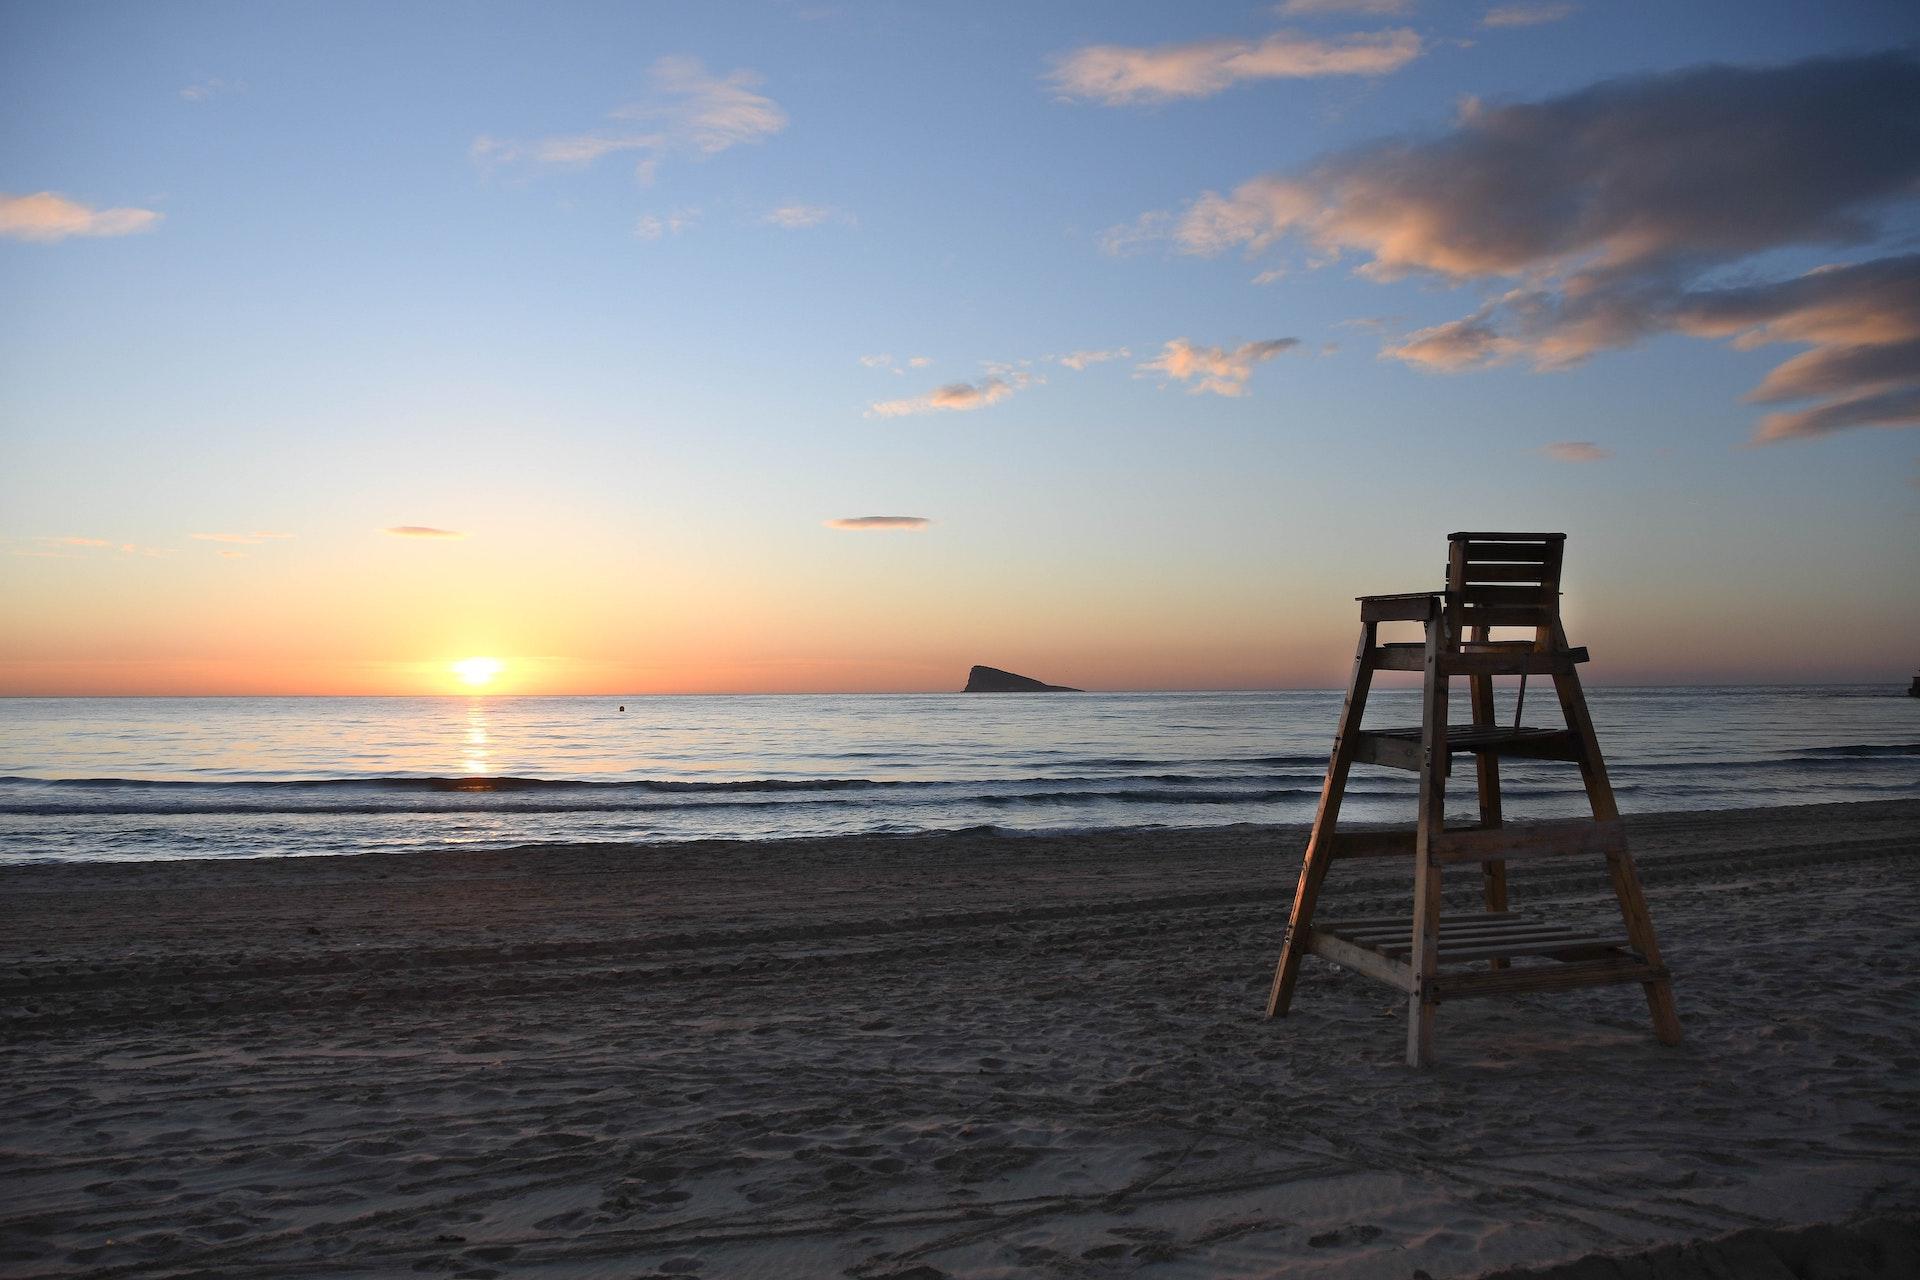 Beach sunset scene in Benidorm